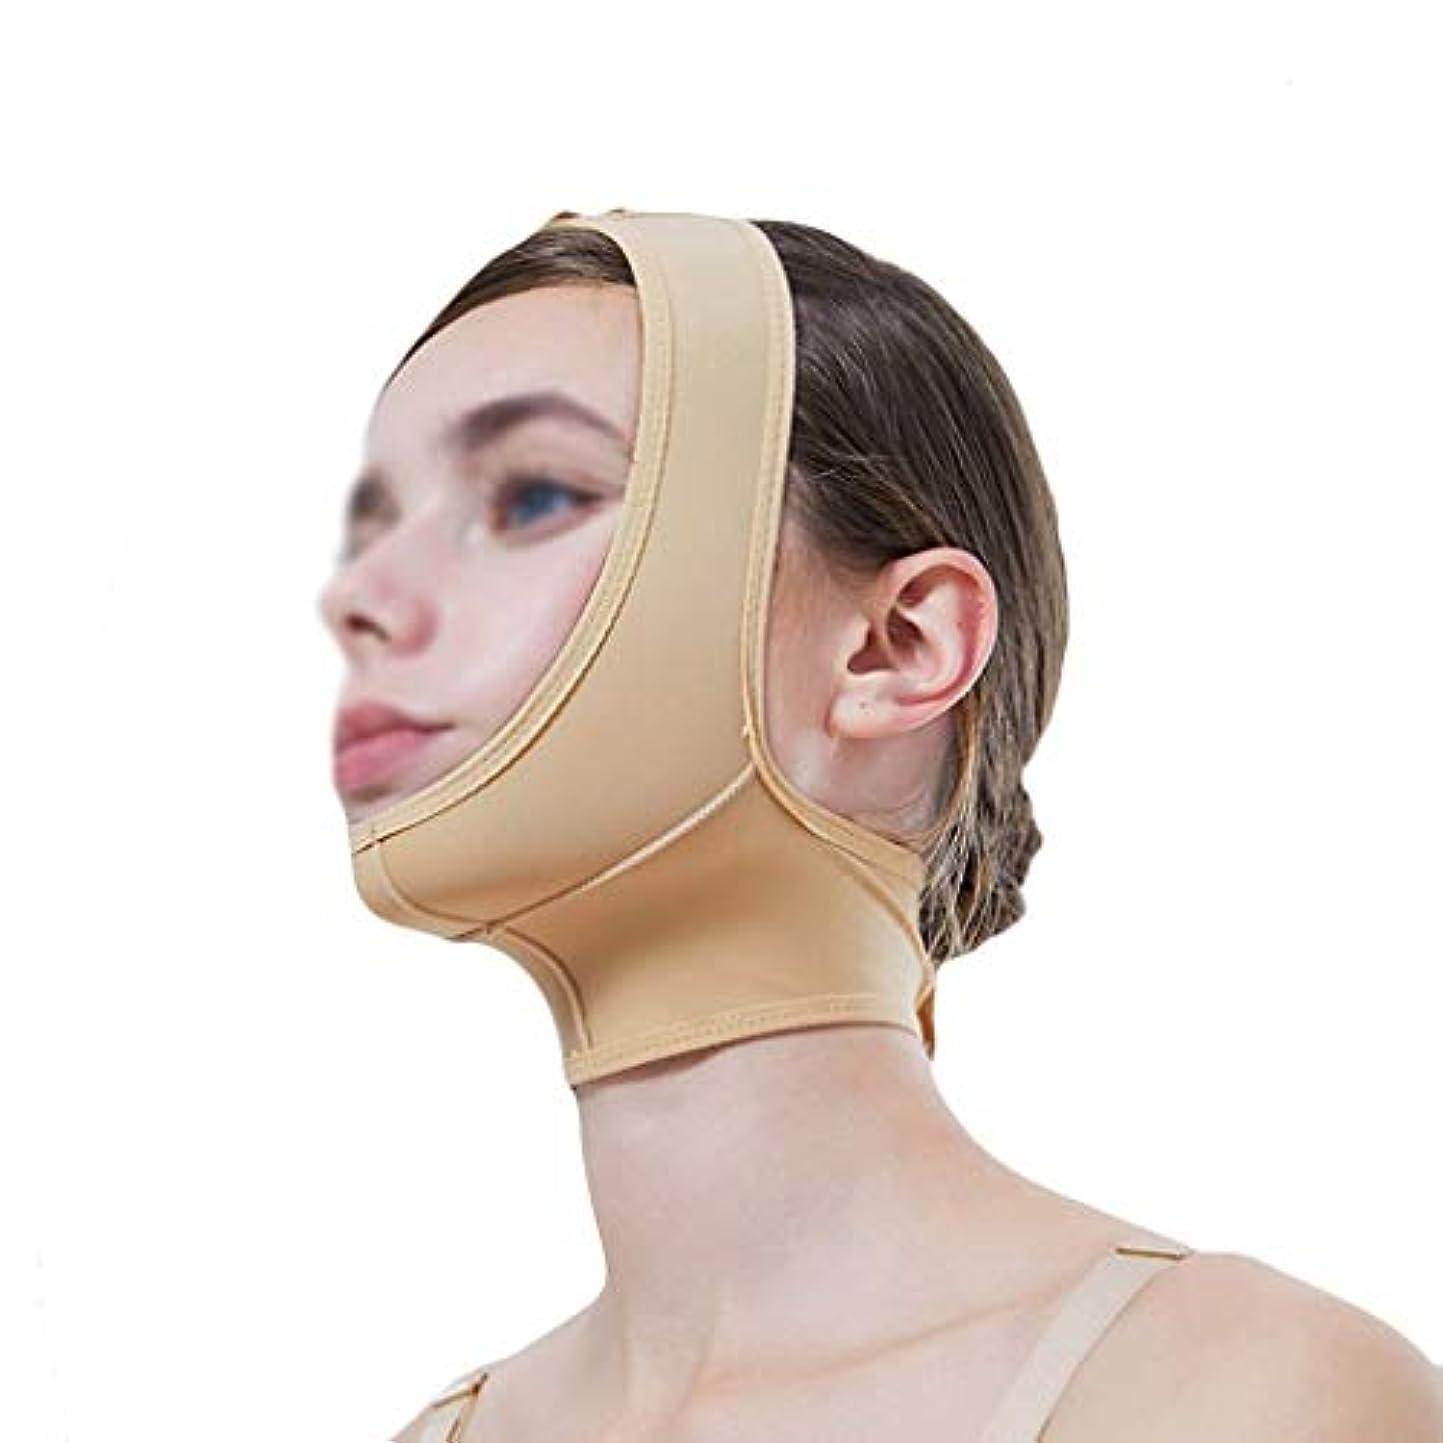 漂流産地民兵マスク、超薄型ベルト、フェイスリフティングに適し、フェイスリフティング、通気性包帯、あご取りベルト、超薄型ベルト、通気性(サイズ:XL),S